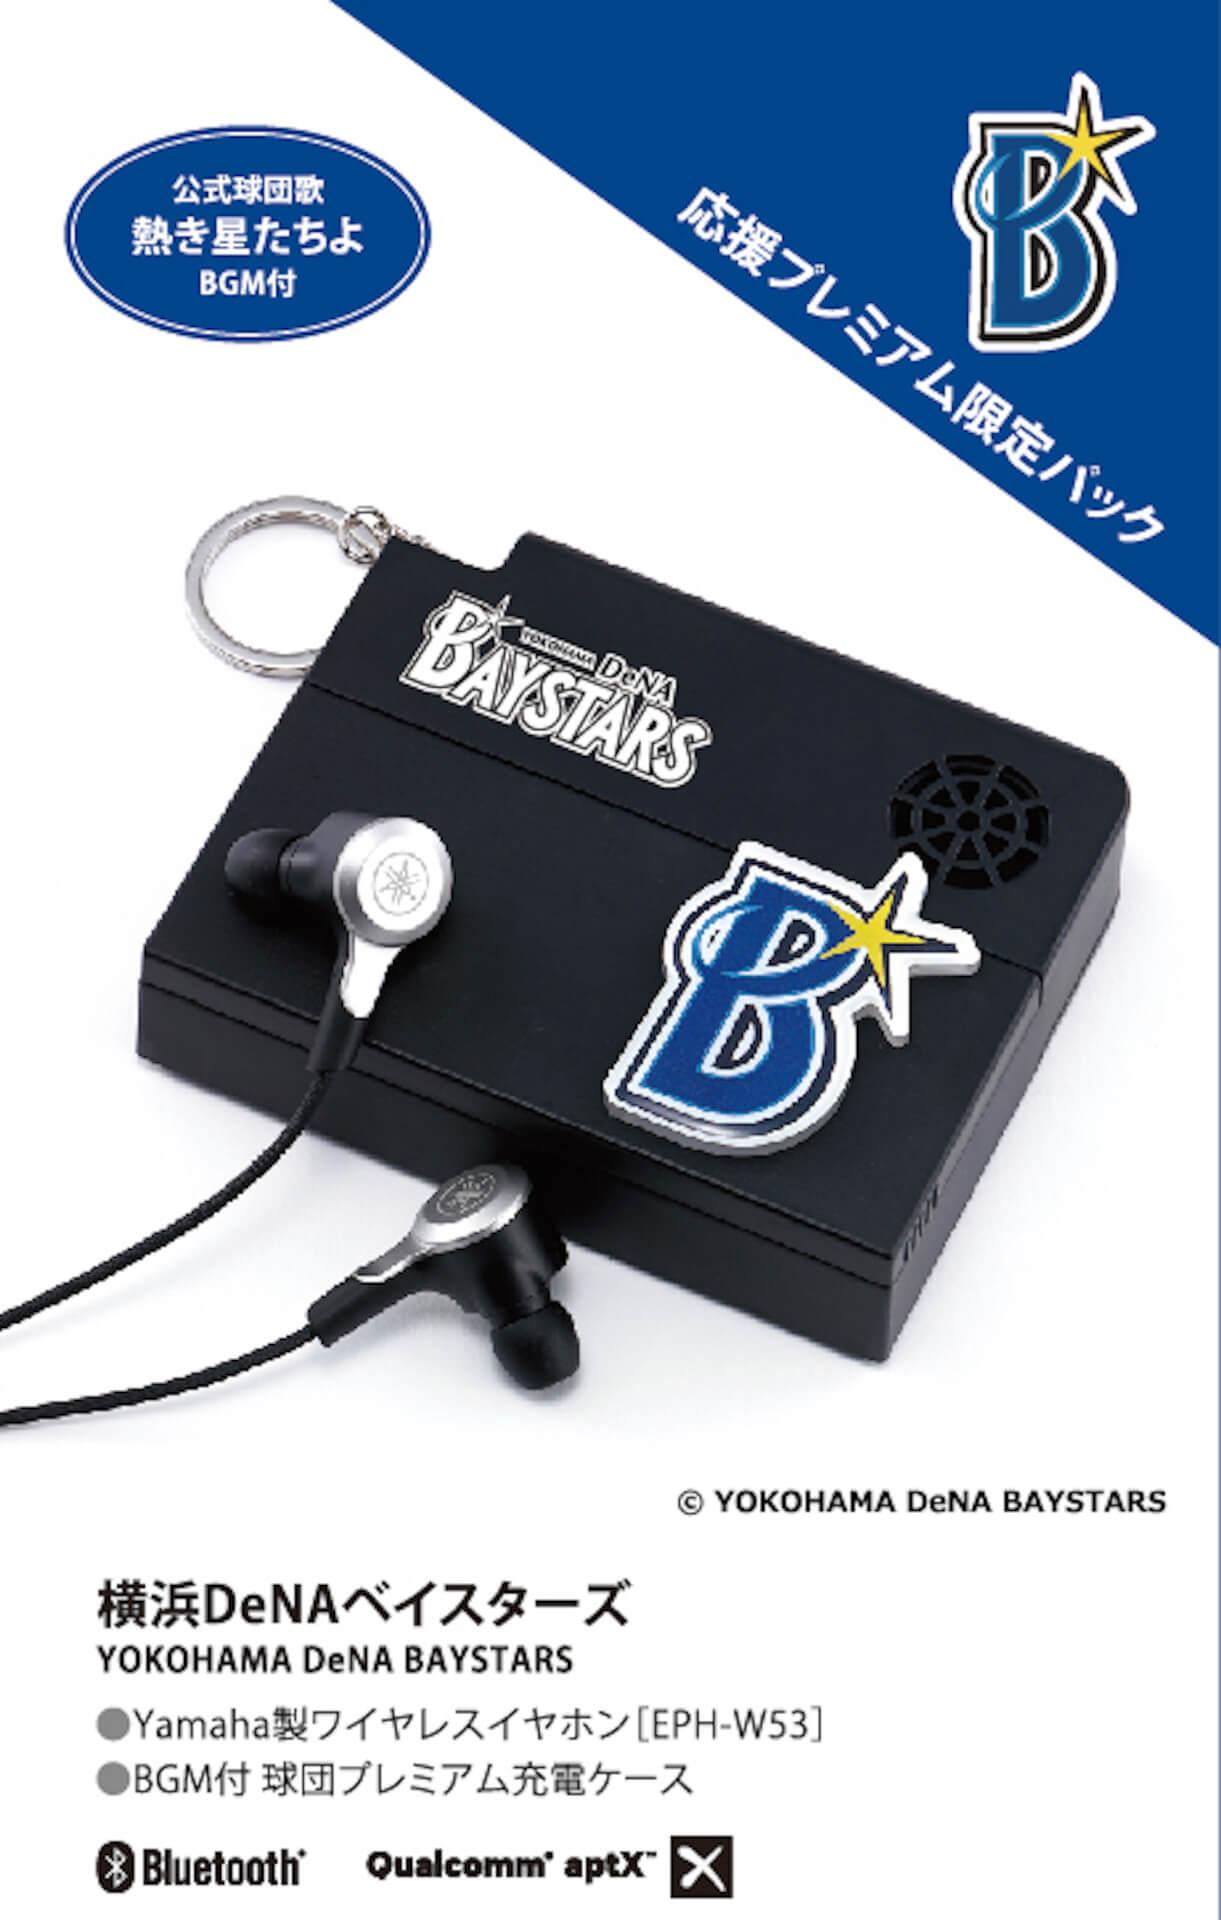 ホークス、タイガースにカープも!ワイヤレスイヤホンとプロ野球10球団別ロゴ入り充電ケースのセットが限定発売 tech191101_baseball_earphone_20